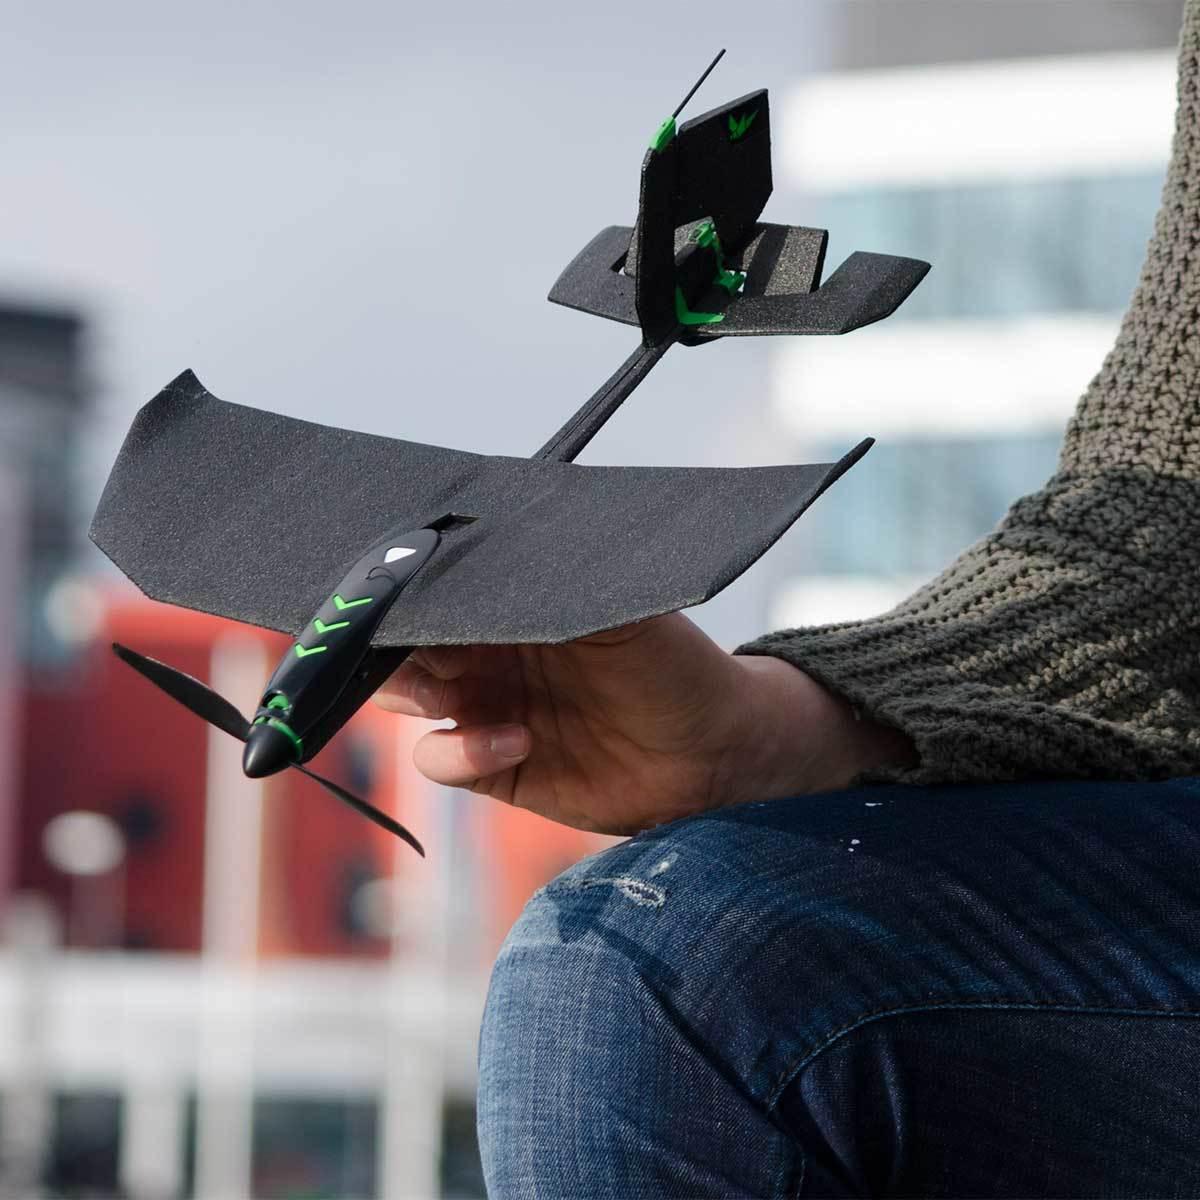 飛んでけ!みんなが笑顔になる『未来の紙飛行機』|《オプション/スペアバッテリー》スマホでカンタン操作、1秒で最速9.7m飛ぶ「飛行機型ドローン」|Toby Rich